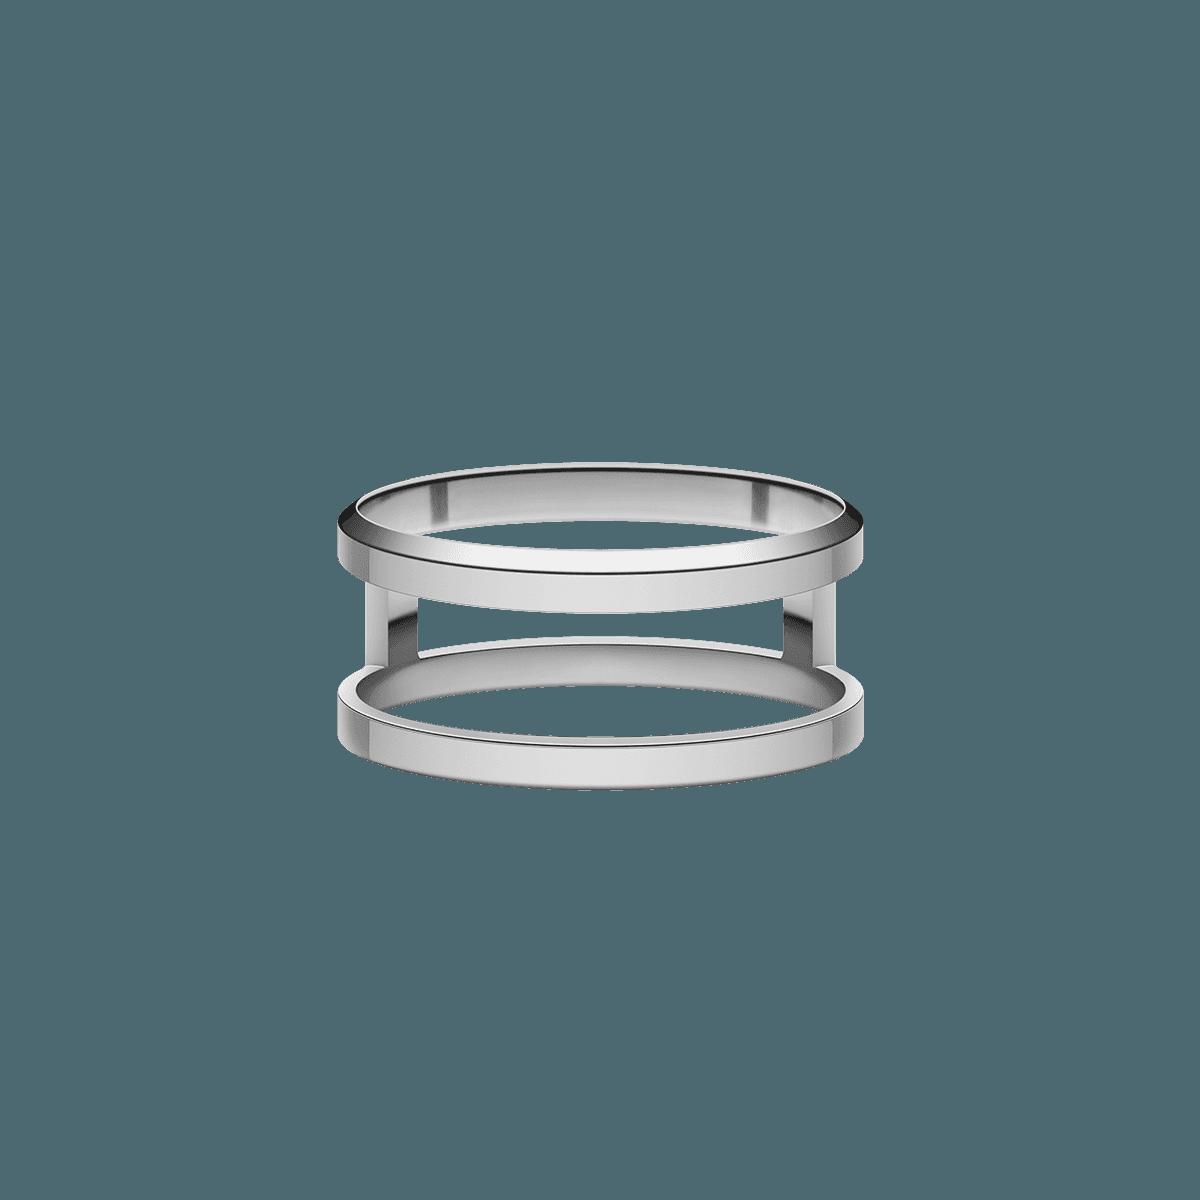 Elan Dual Ring Silver 52